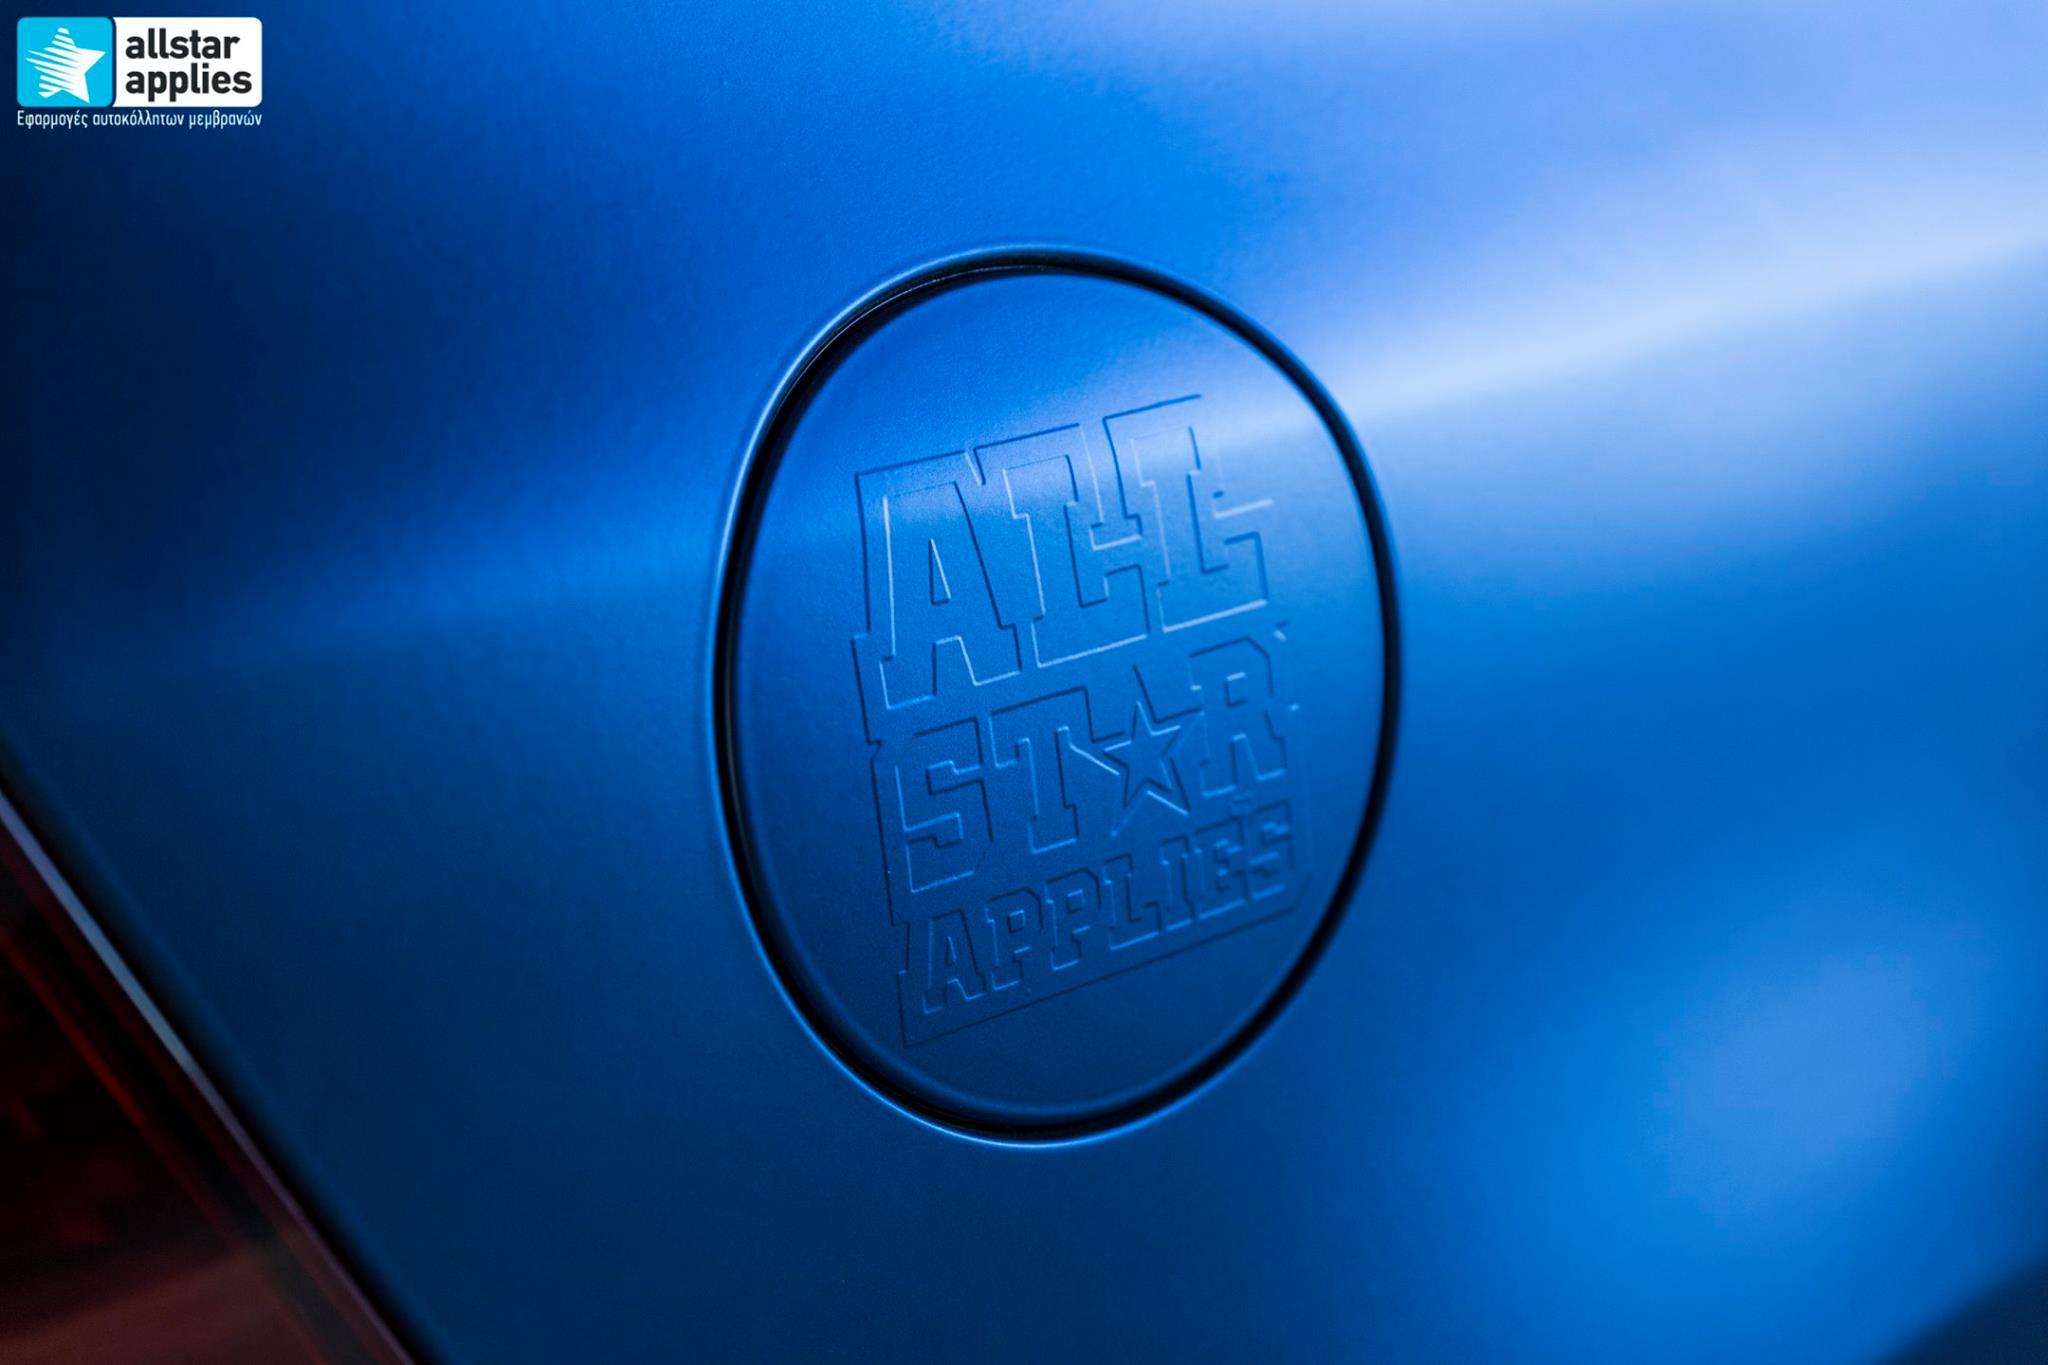 VW Golf 5 - Matt Trenton Blue (8)